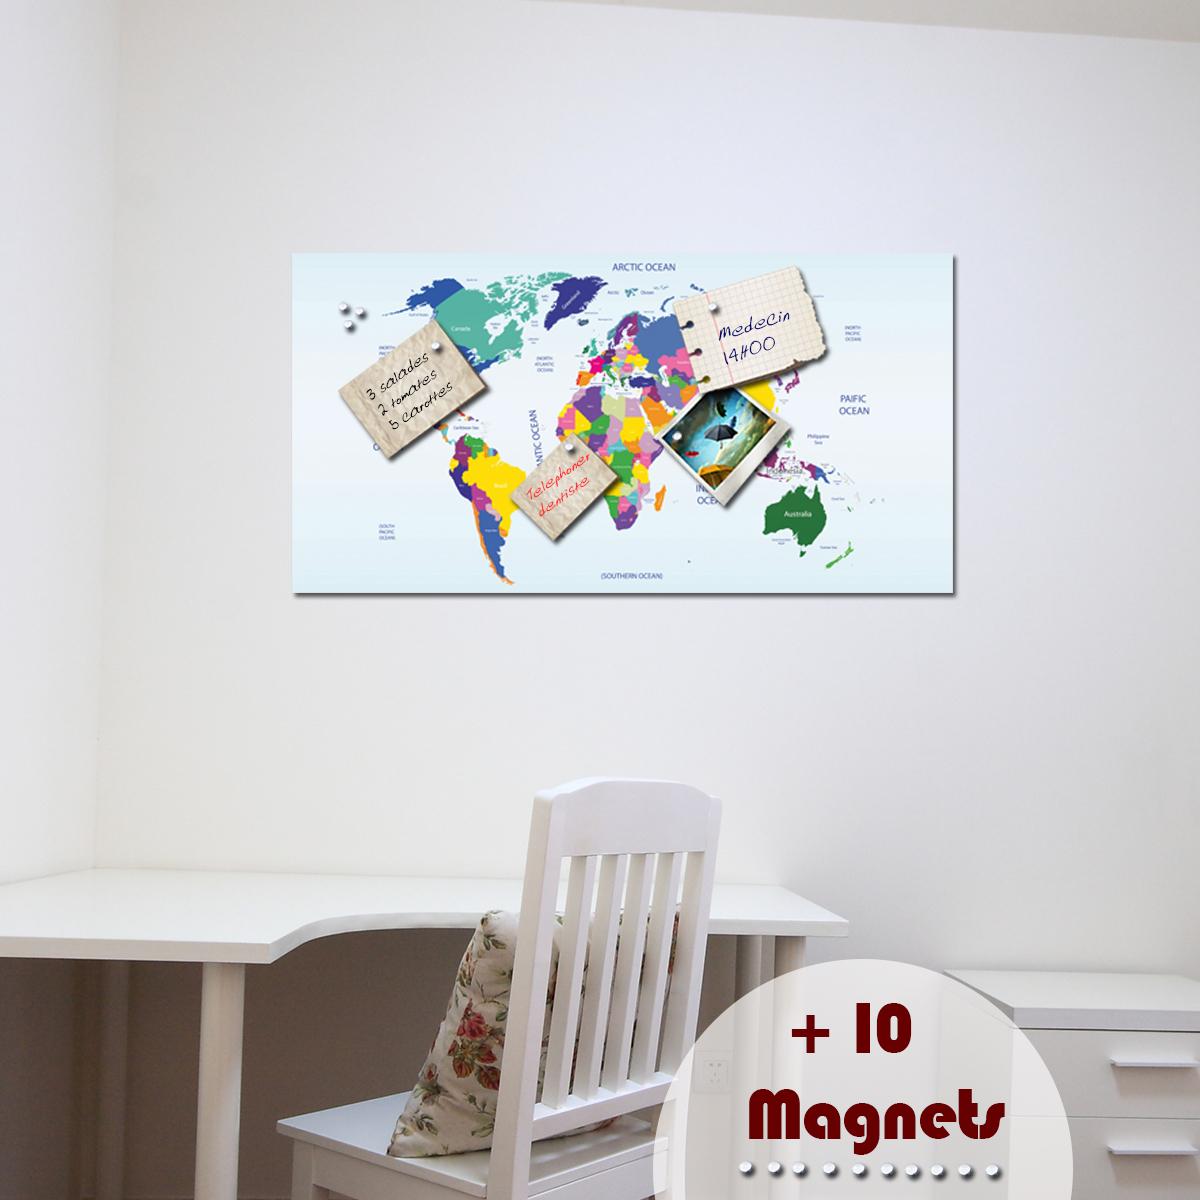 papier peint magn tique sticker papier peint magn tique carte ambiance. Black Bedroom Furniture Sets. Home Design Ideas